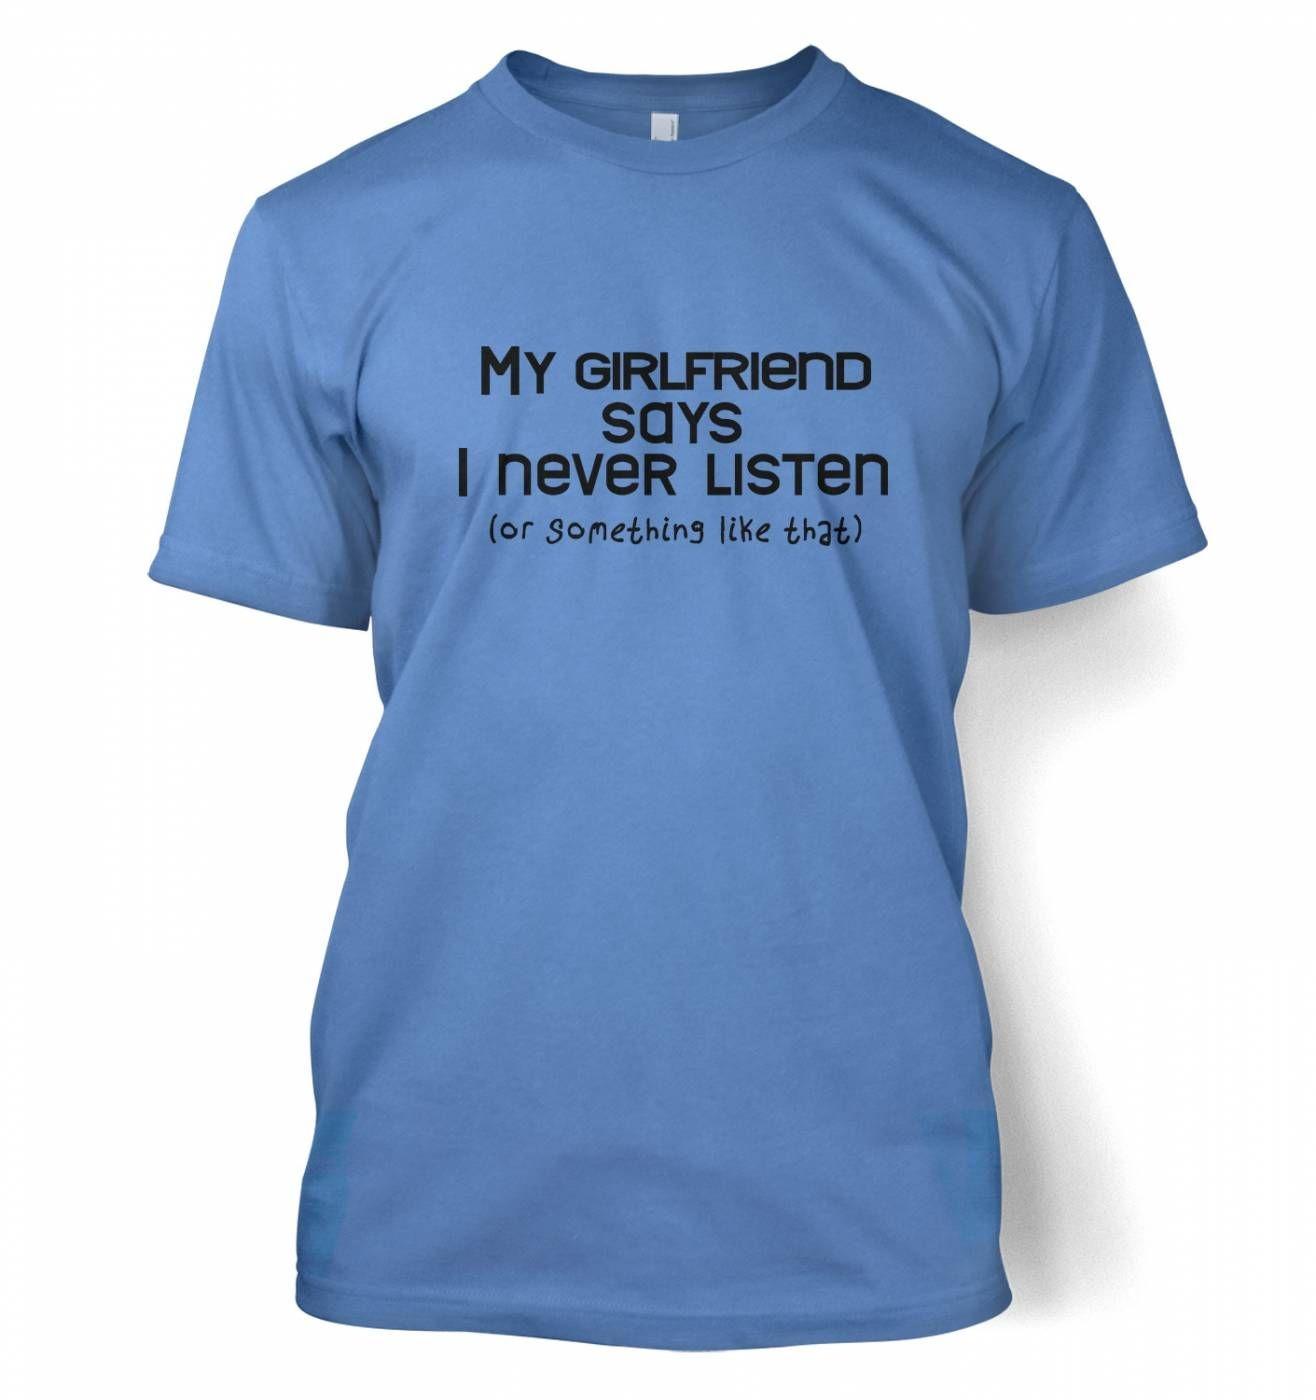 My Girlfriend Says I Never Listen t-shirt